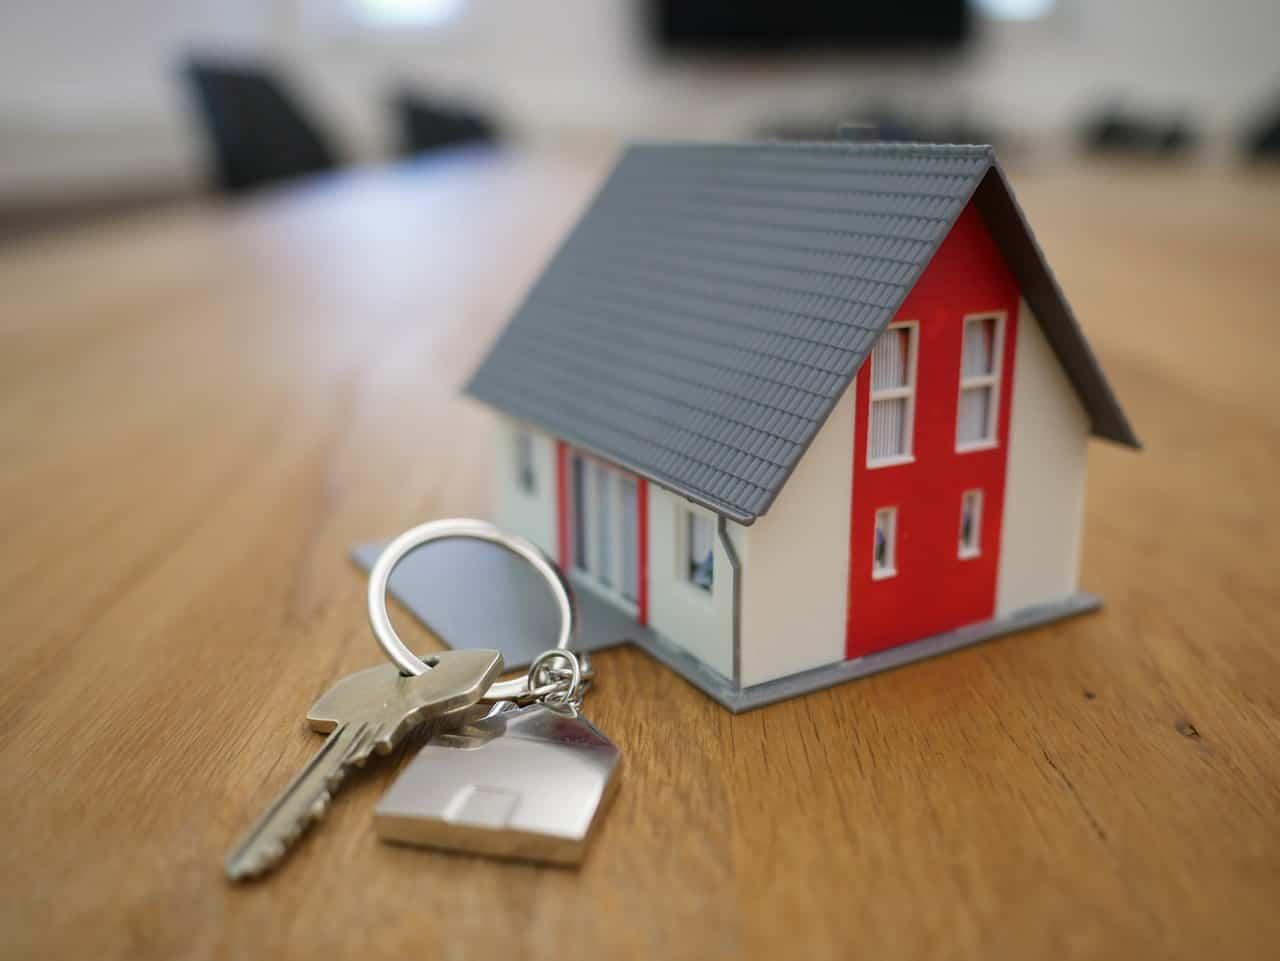 השכרת בית: מי אחראי על טיפול הנזילה?